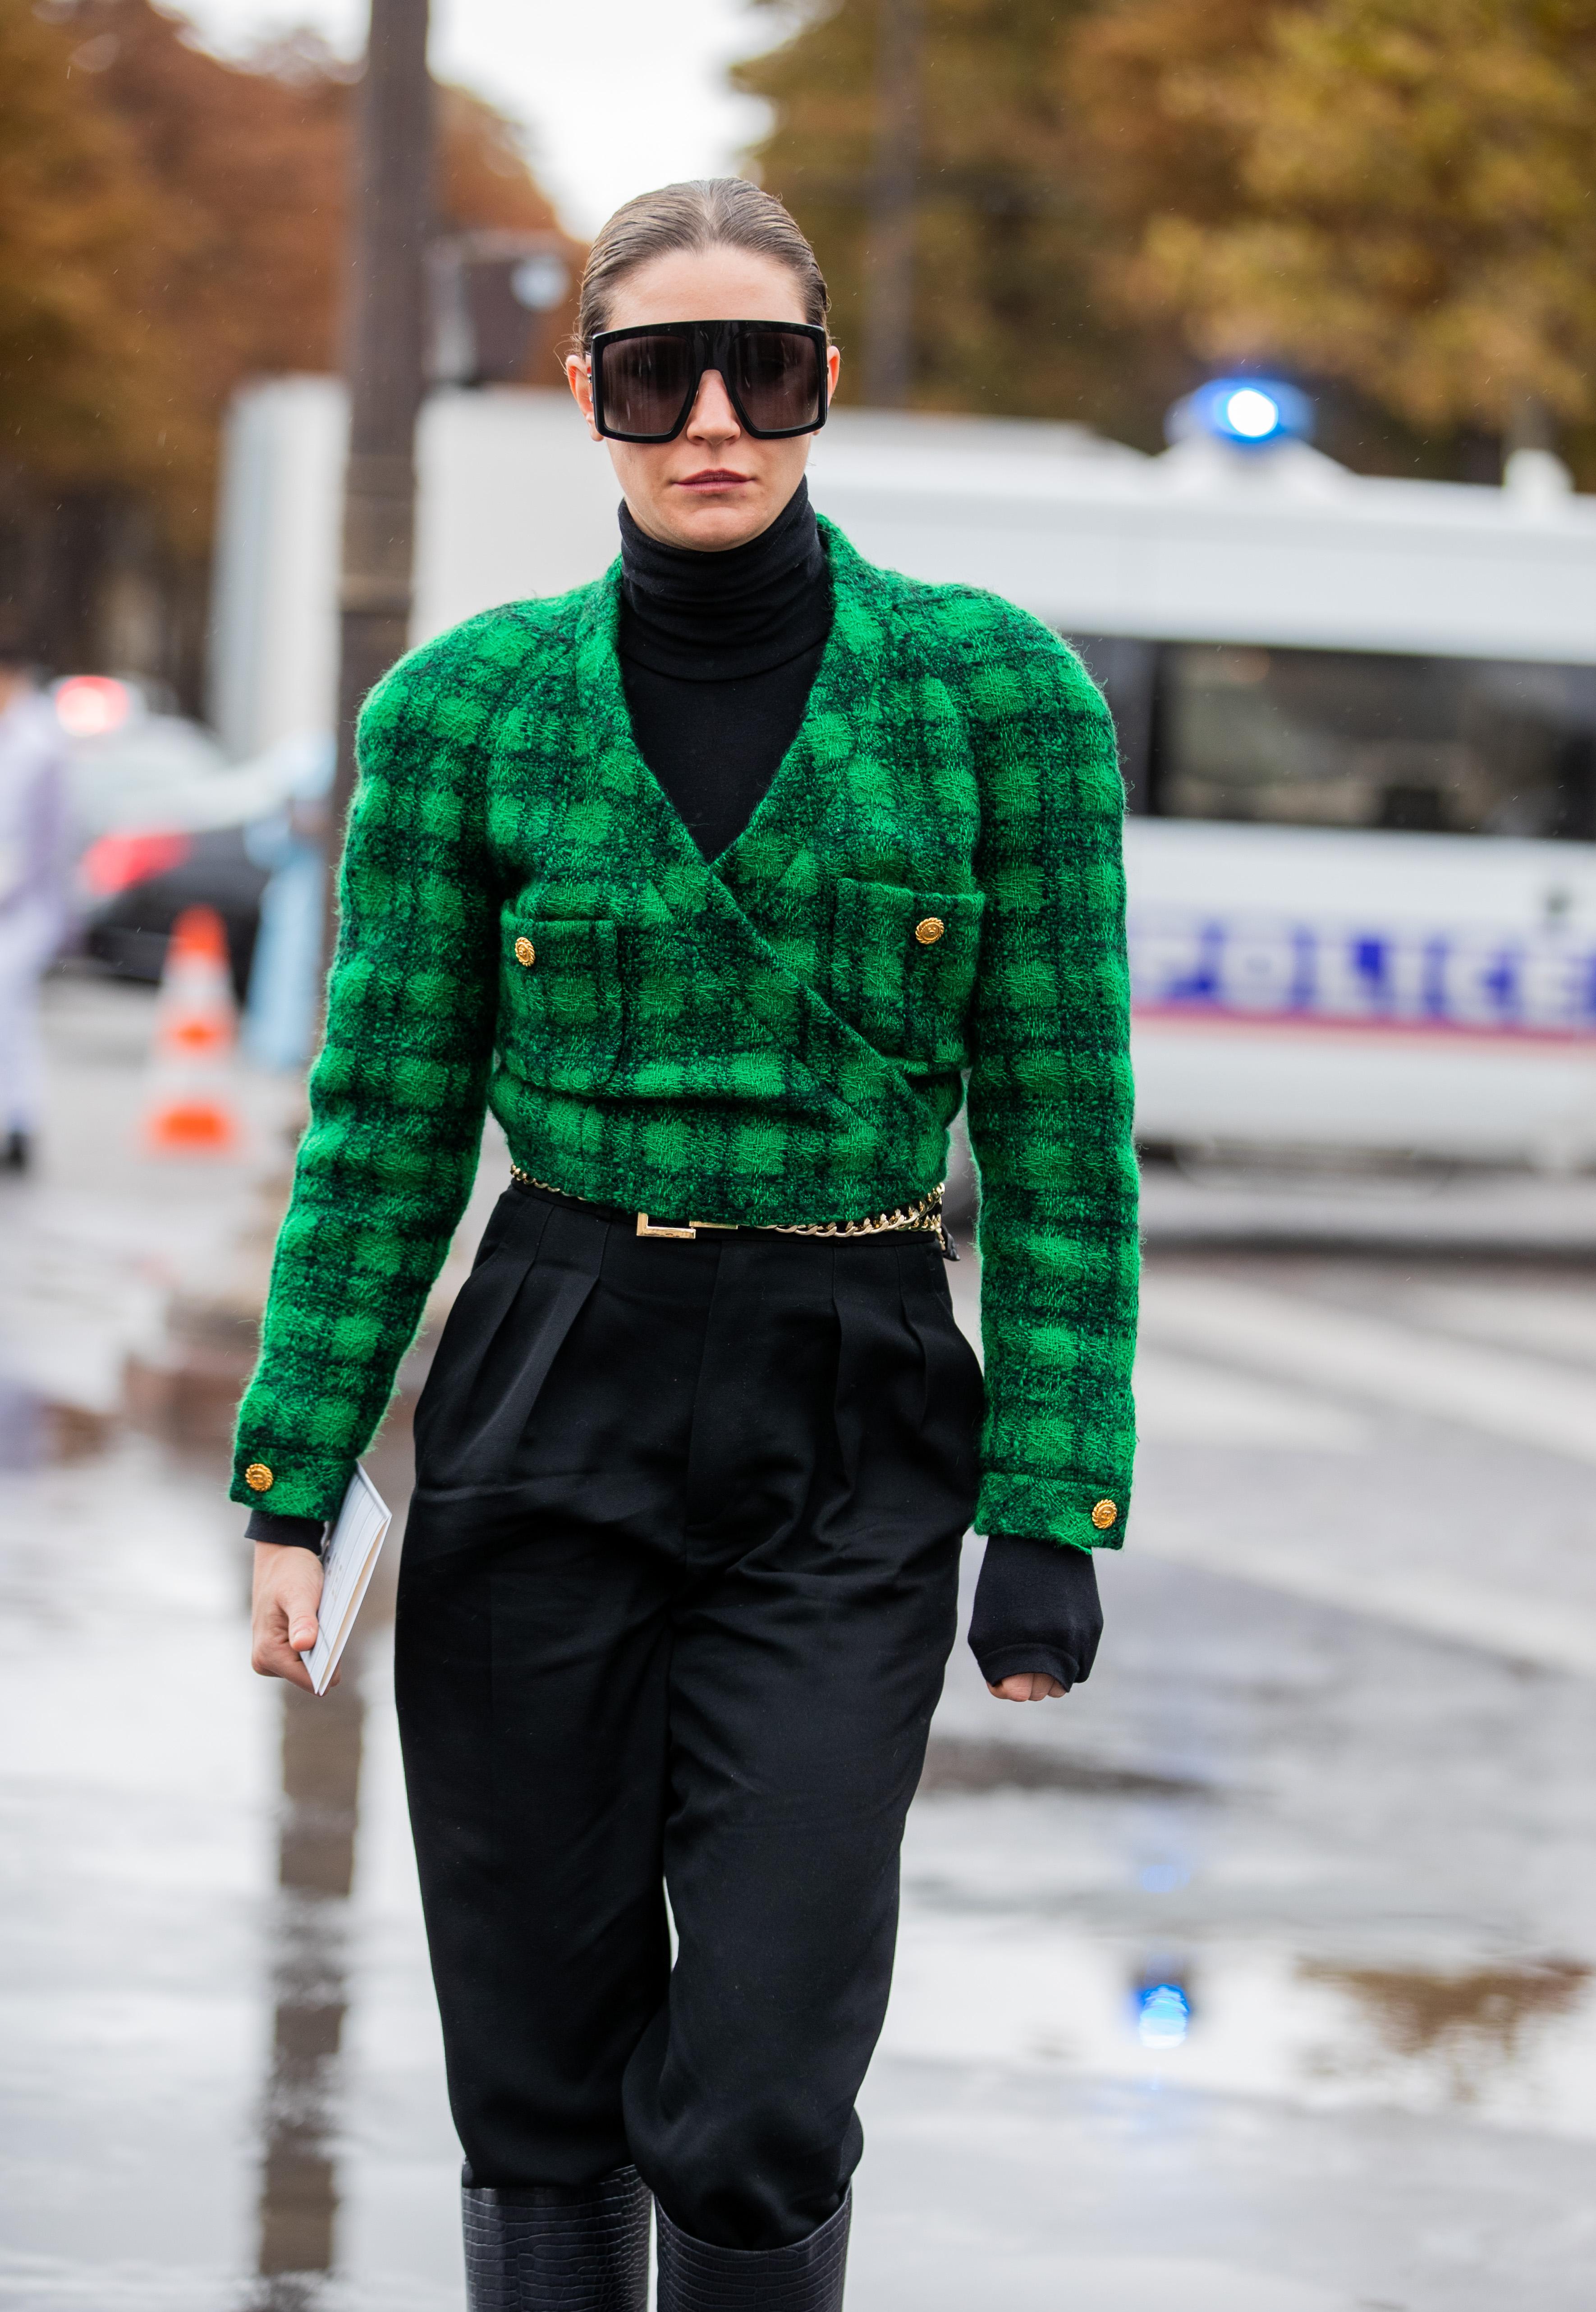 ブラックカラーに80年代ムード漂うジャケットをインしたスタイルがクール。ジャケットのボタンとベルトのゴールド使いやサイバーチックなサングラスがスパイスになって個性を演出している。